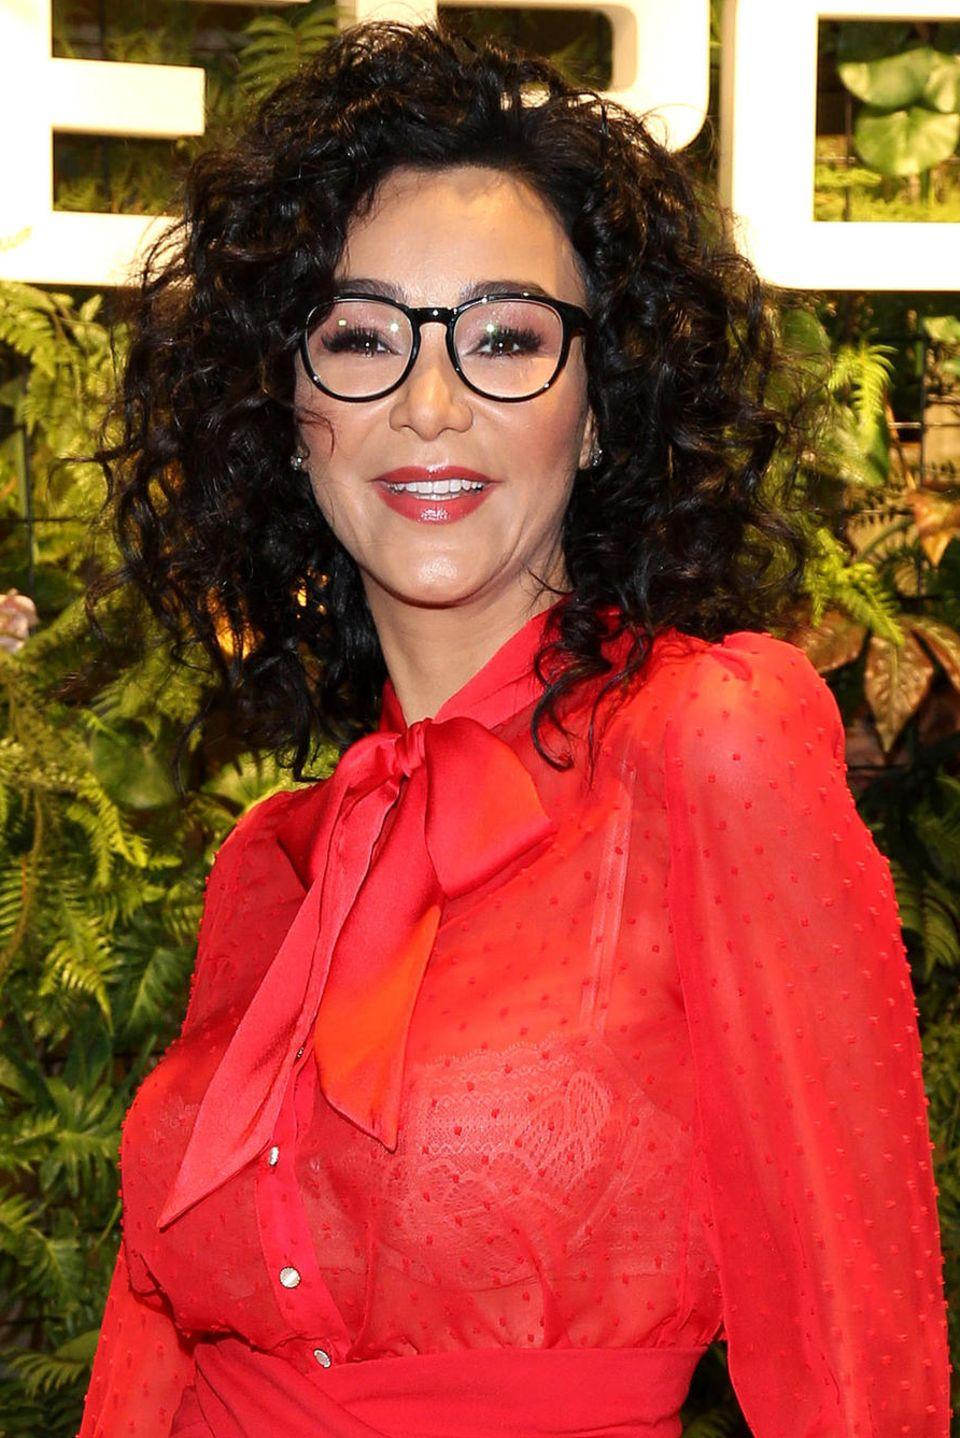 Verona Pooth erfindet sich neu: Neuerdings sieht man sie immer häufiger mit dieser Brille mit dem markanten schwarzen Rahmen.